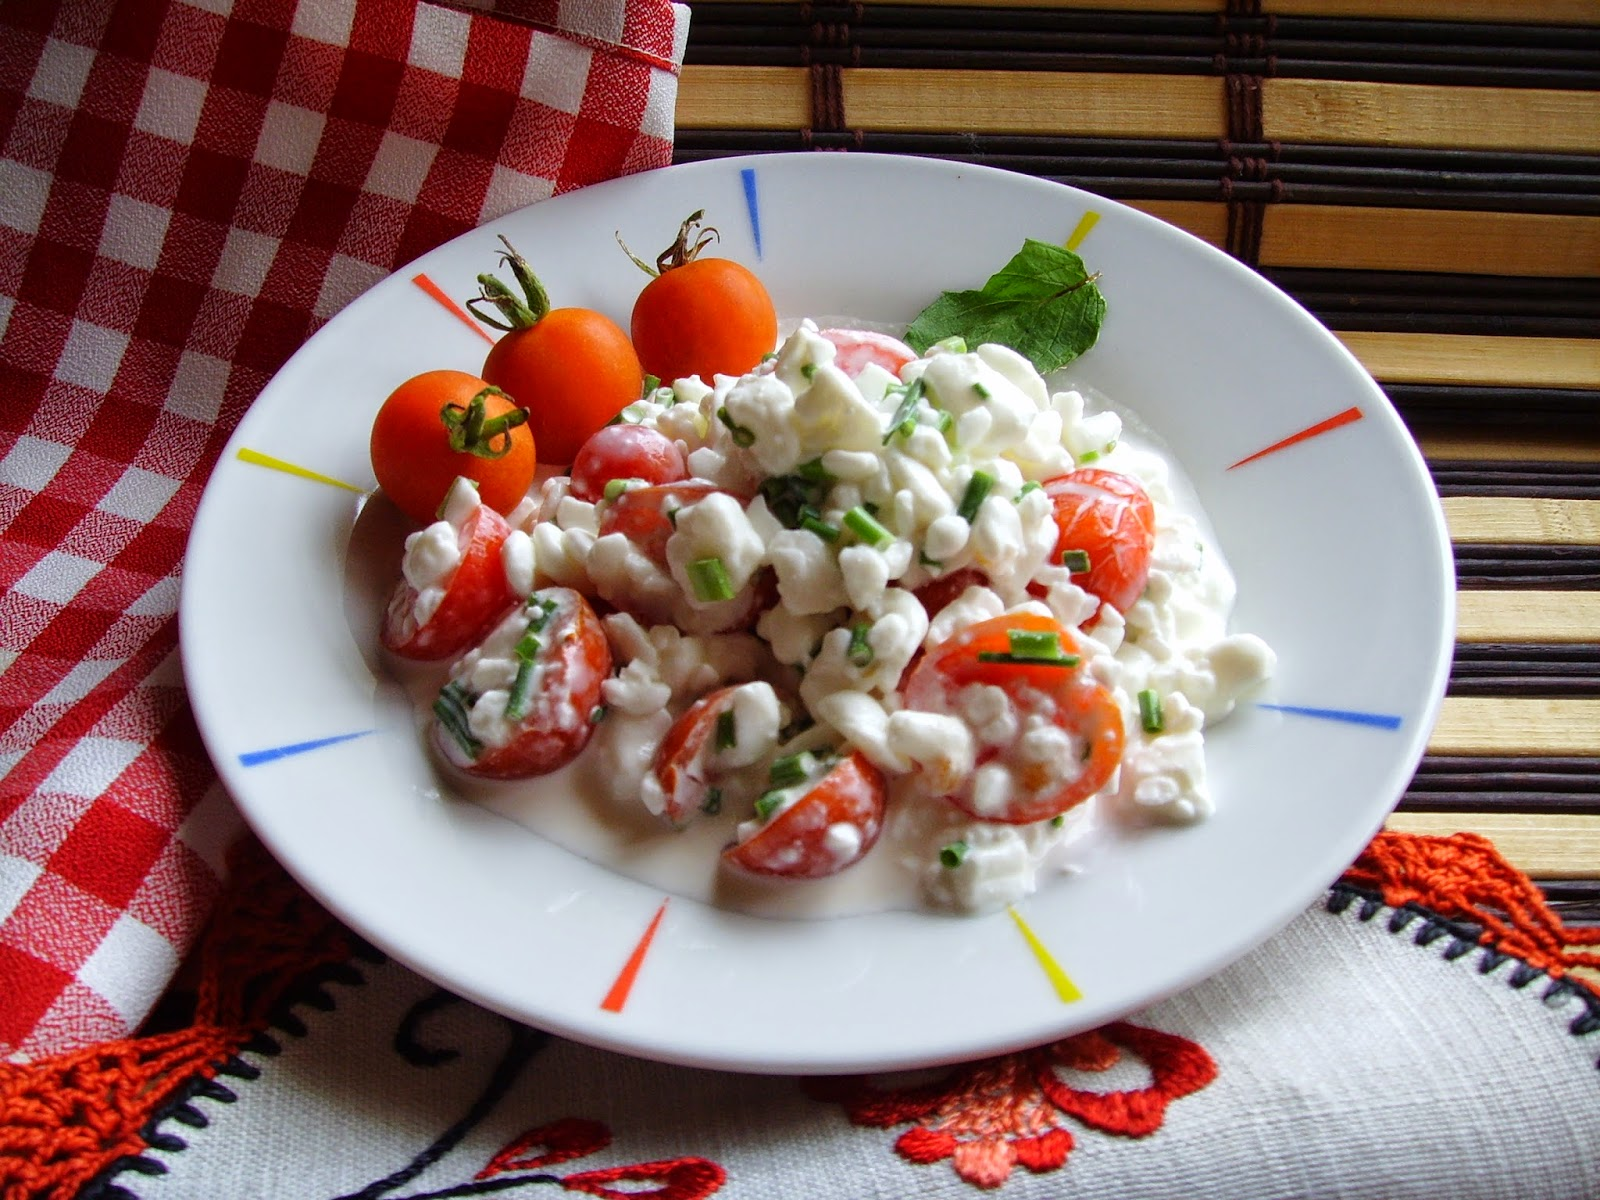 Serek wiejski z pomidorkami koktajlowymi i szczypiorkiem. Pyszne śniadanie lub kolacja.